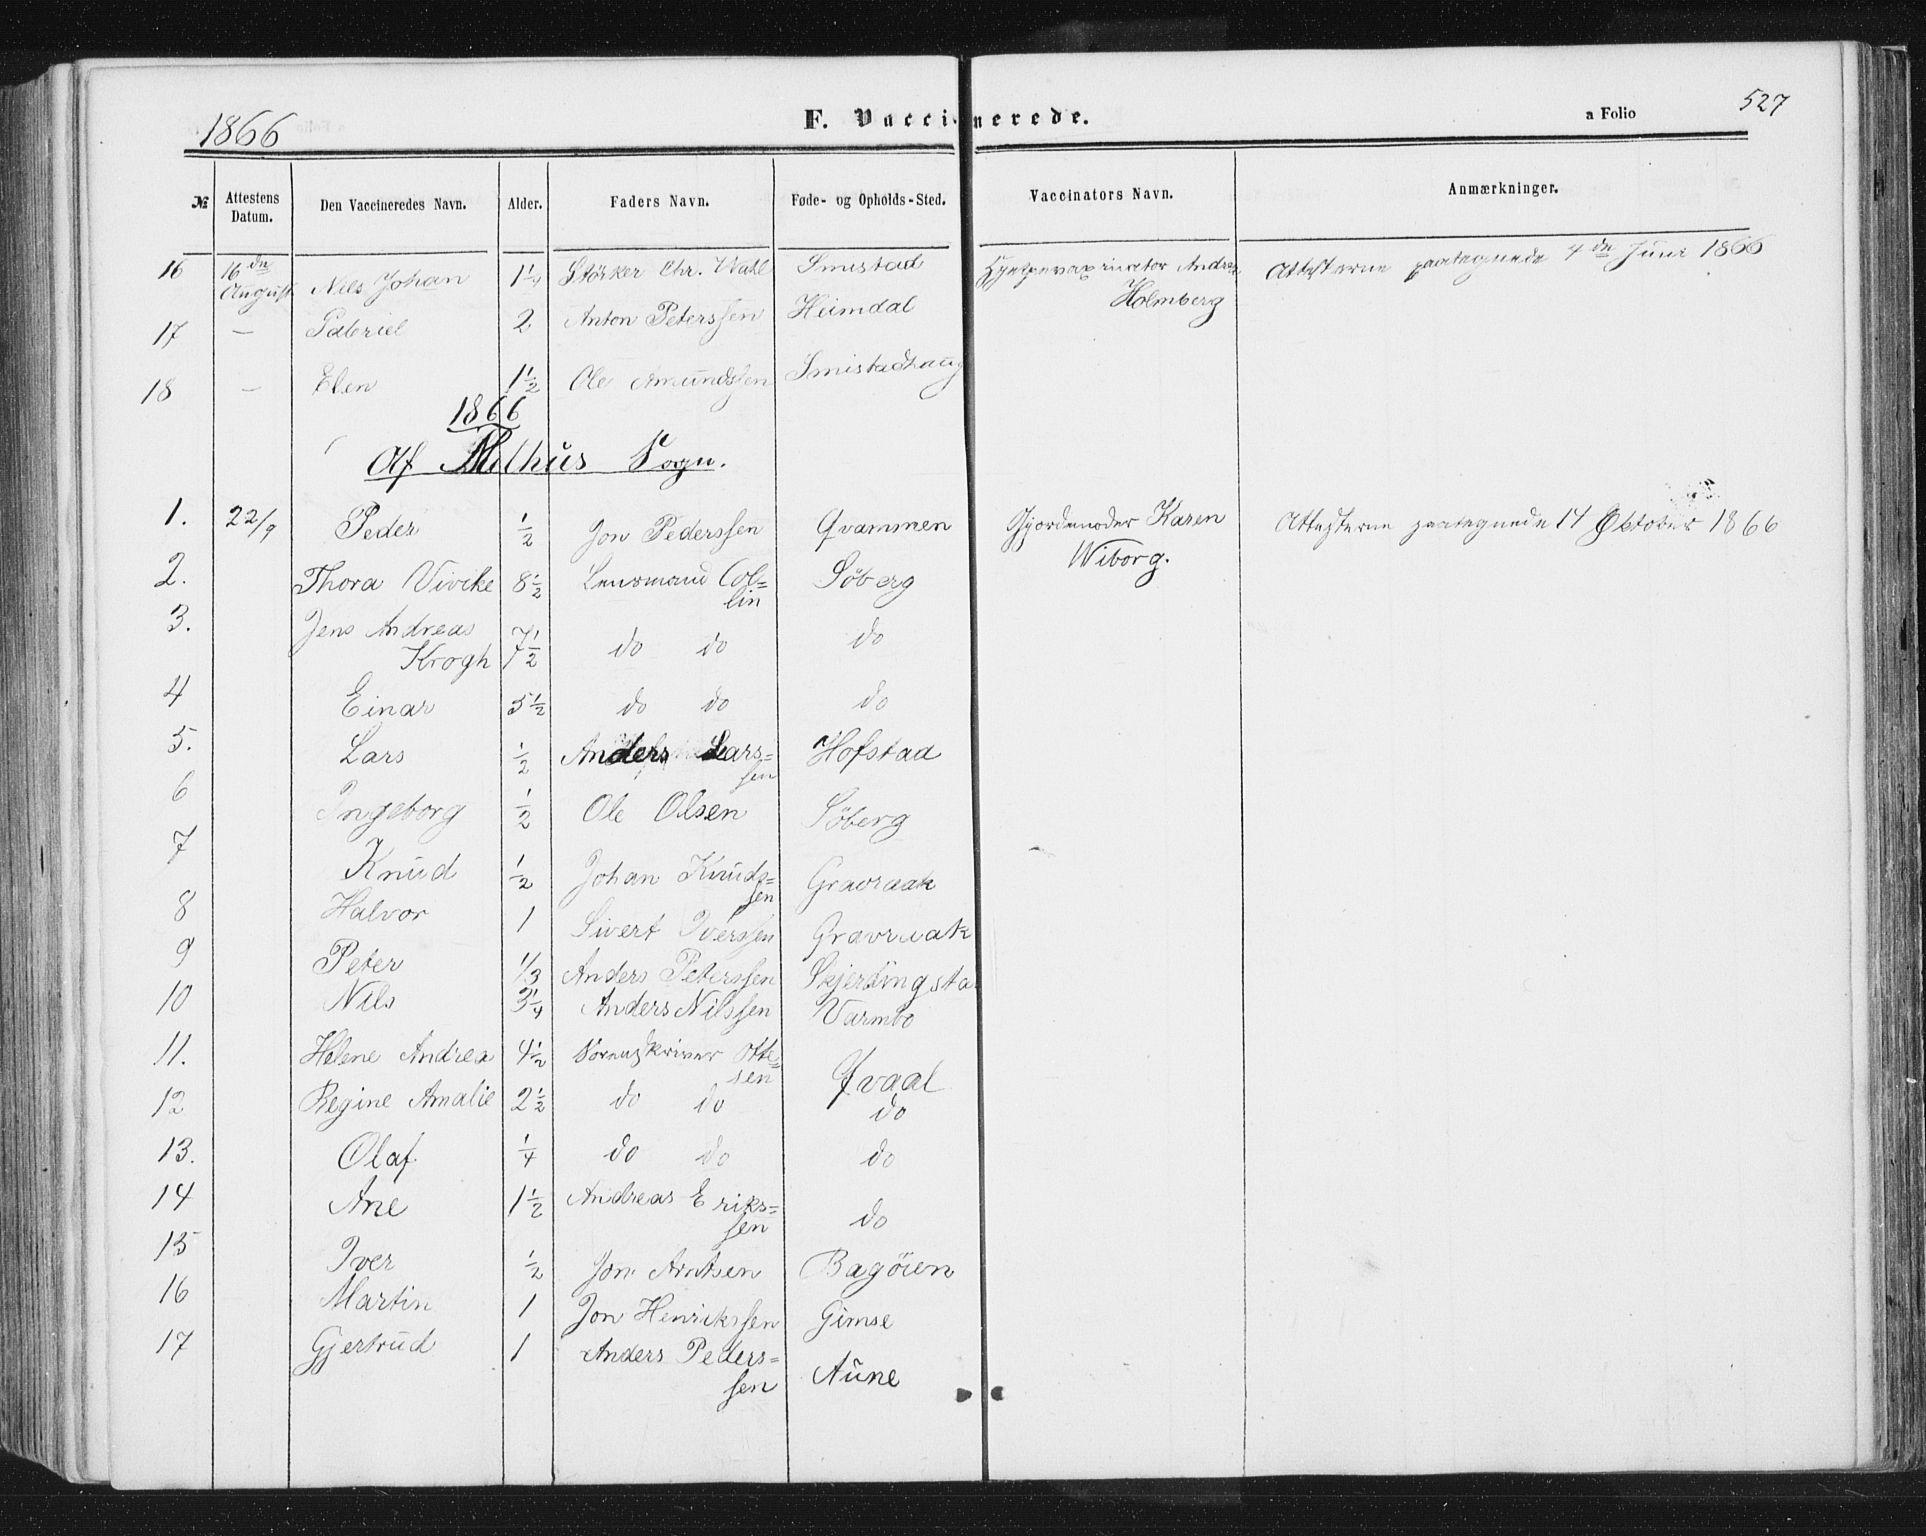 SAT, Ministerialprotokoller, klokkerbøker og fødselsregistre - Sør-Trøndelag, 691/L1077: Ministerialbok nr. 691A09, 1862-1873, s. 527